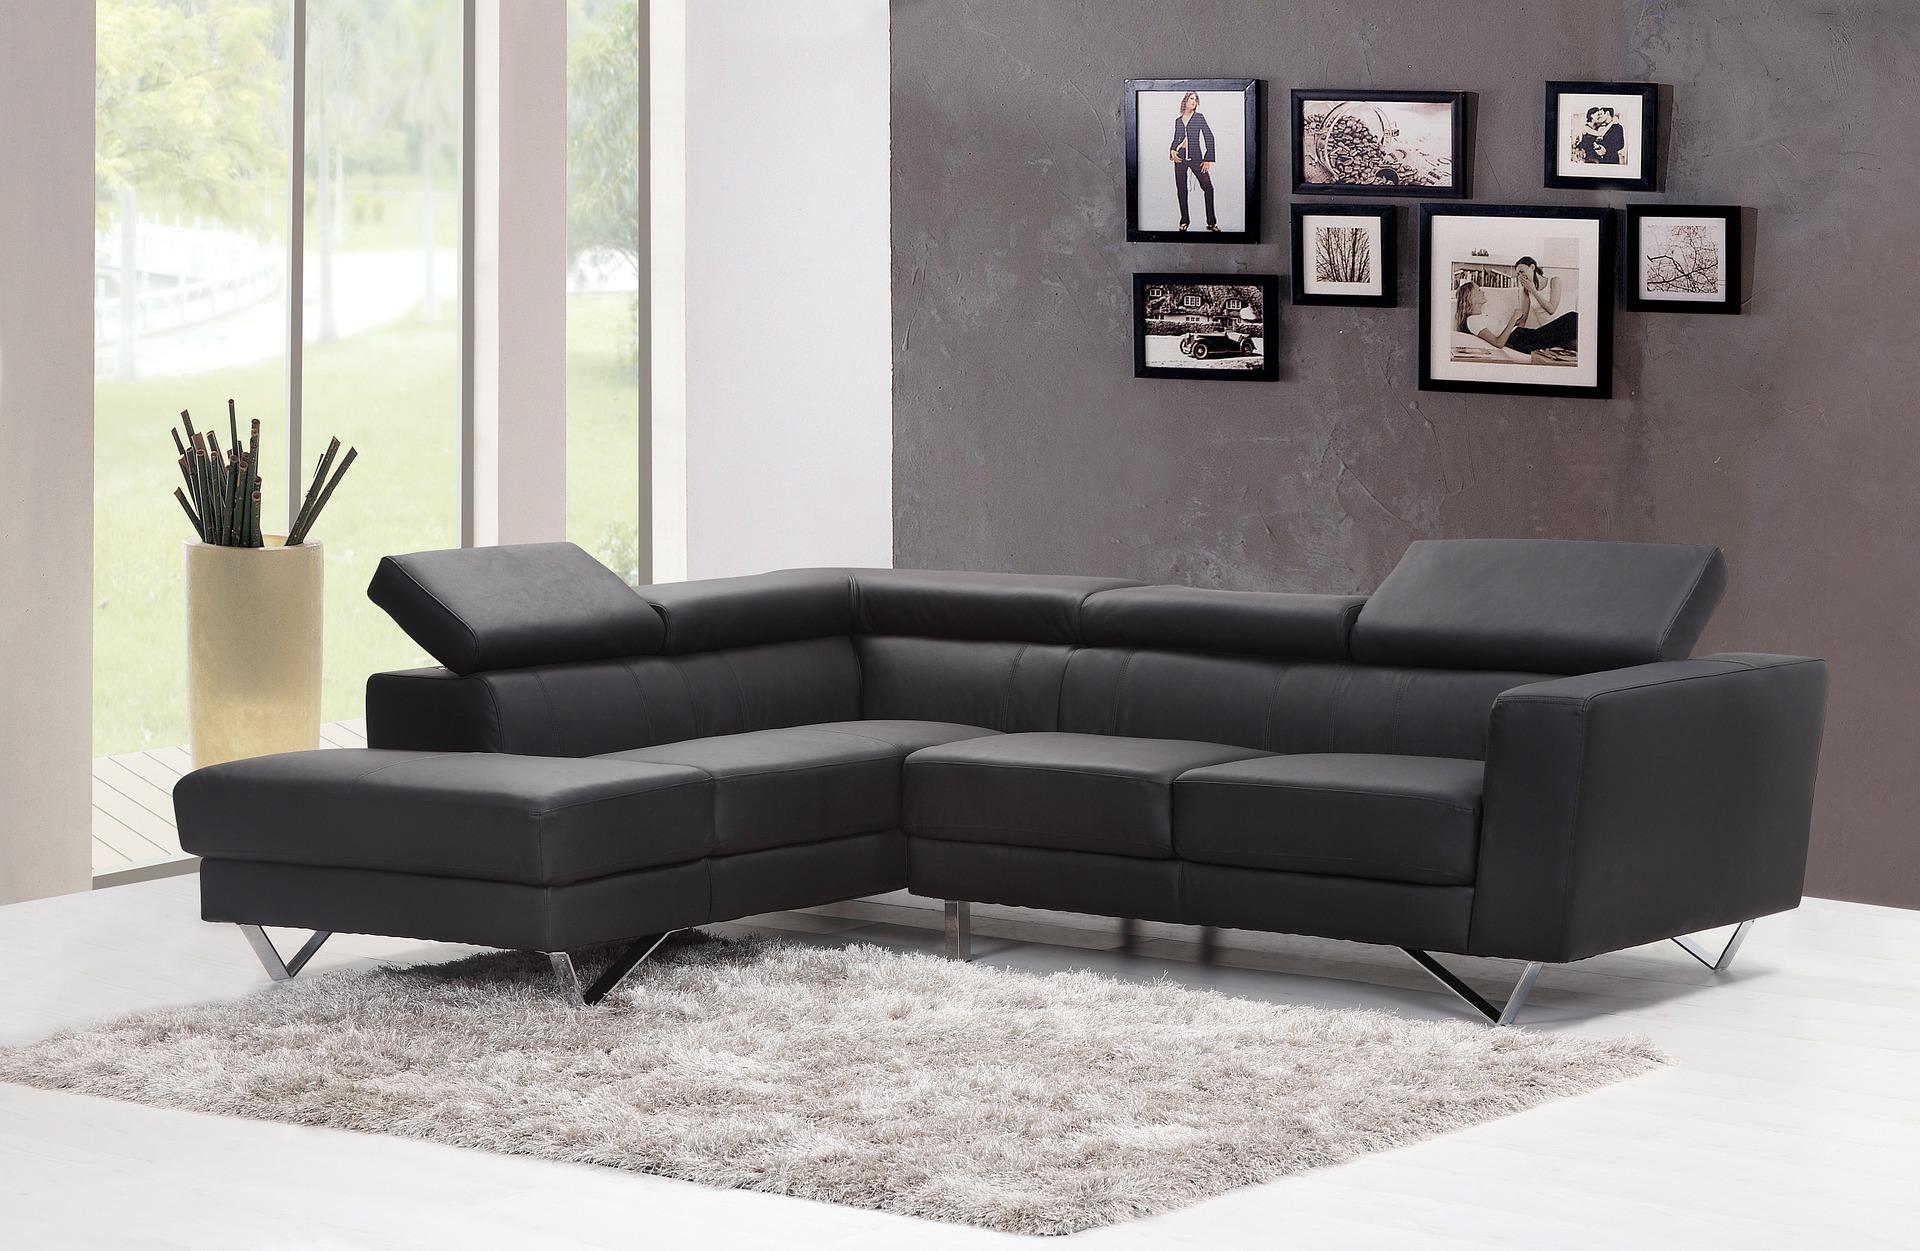 布艺沙发厂家详解布艺沙发的四大色彩衬托方法